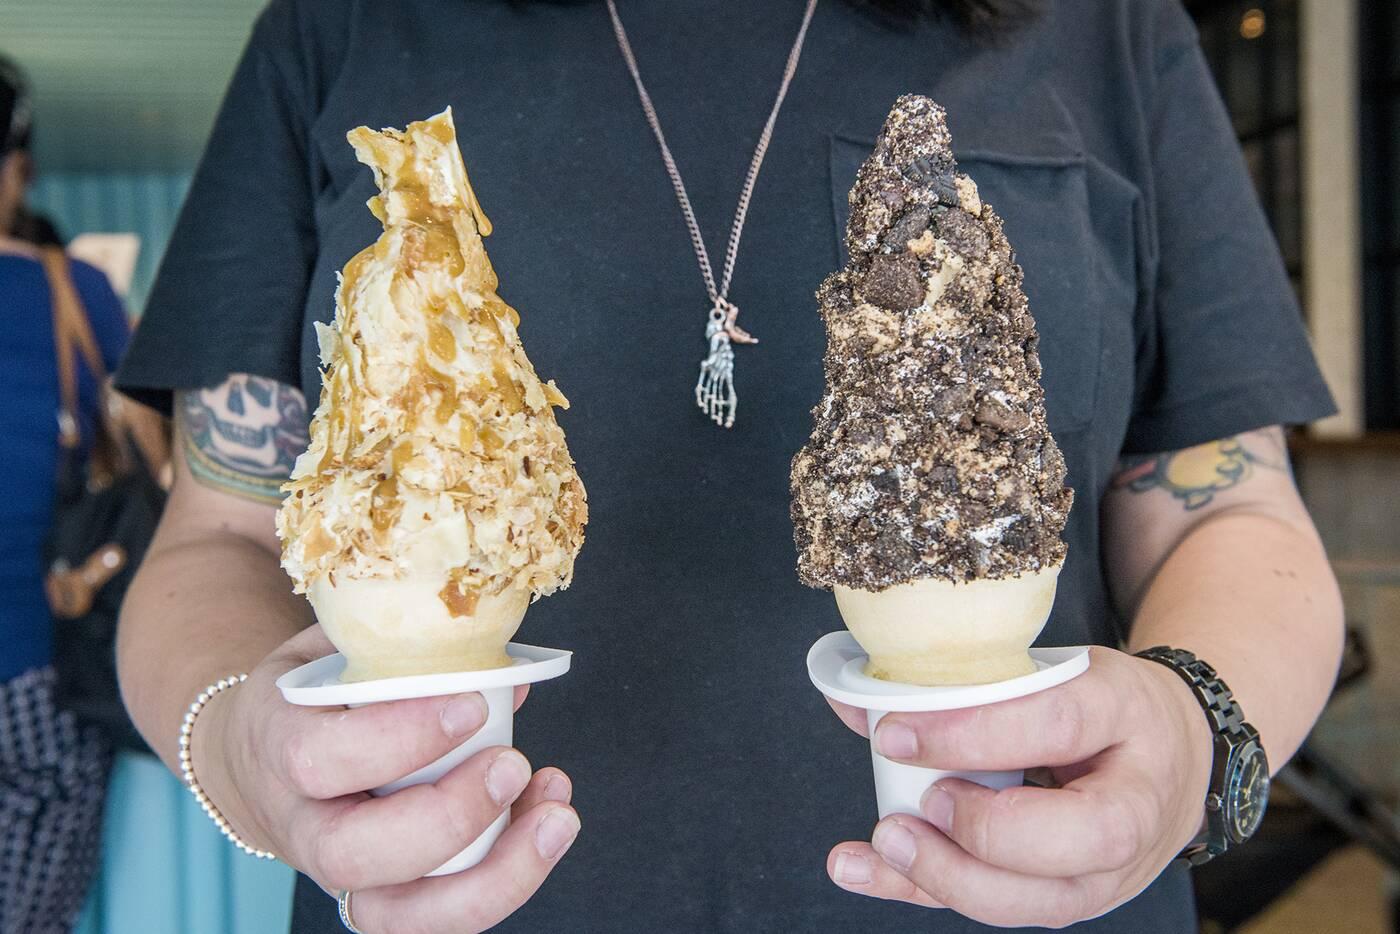 Soft Serve Ice Cream Toronto